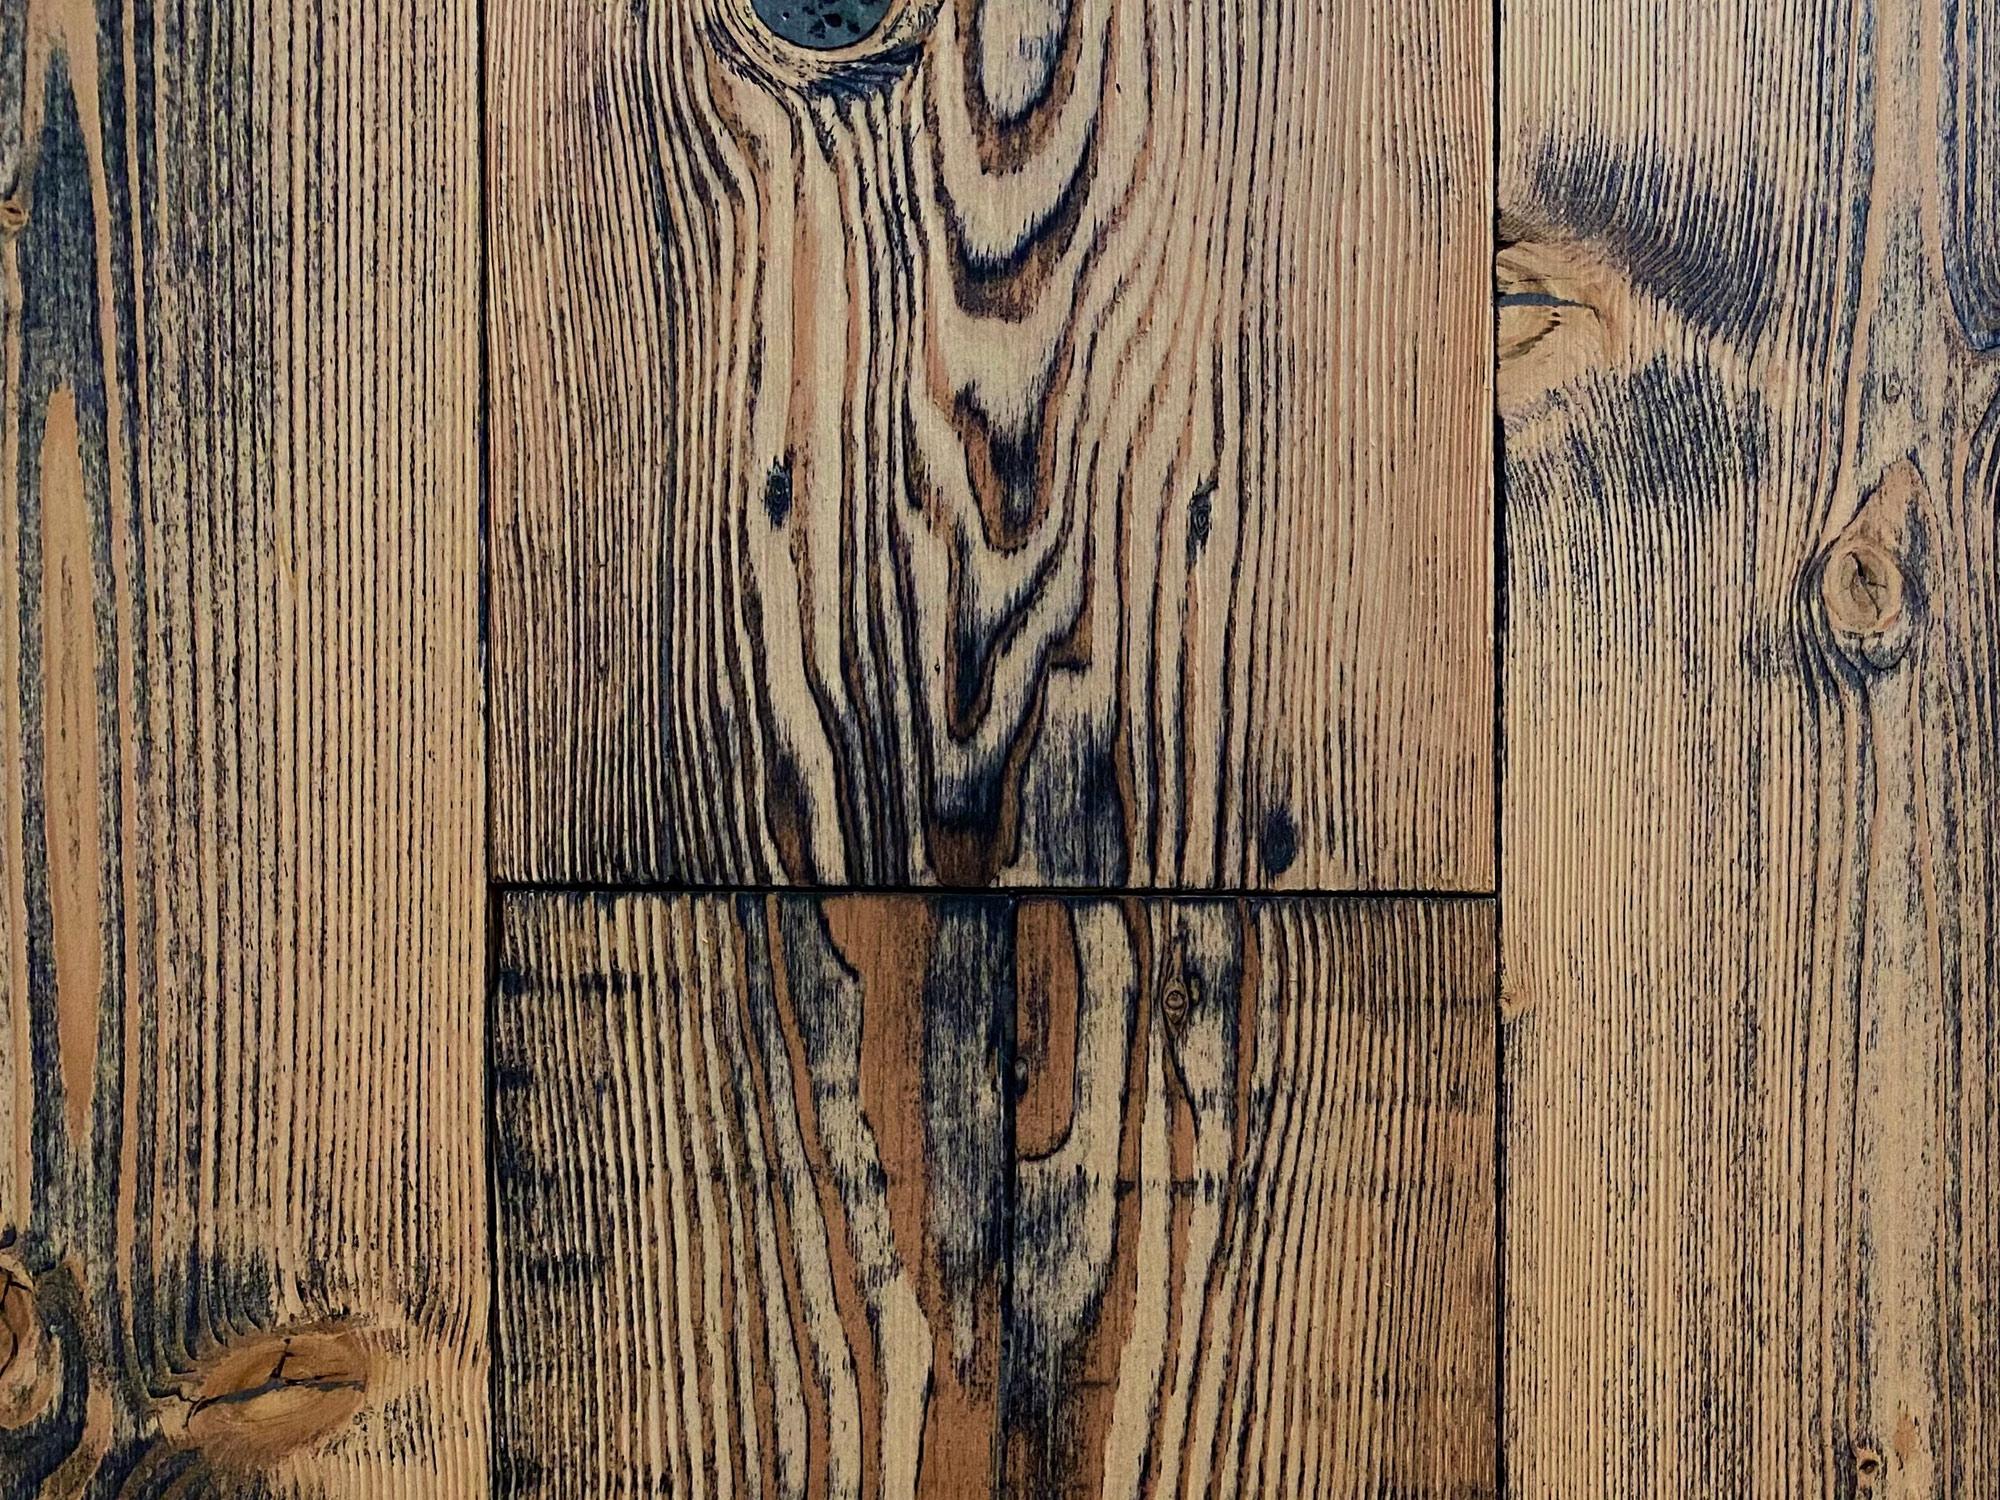 Douglas fir pine reclaimed flooring